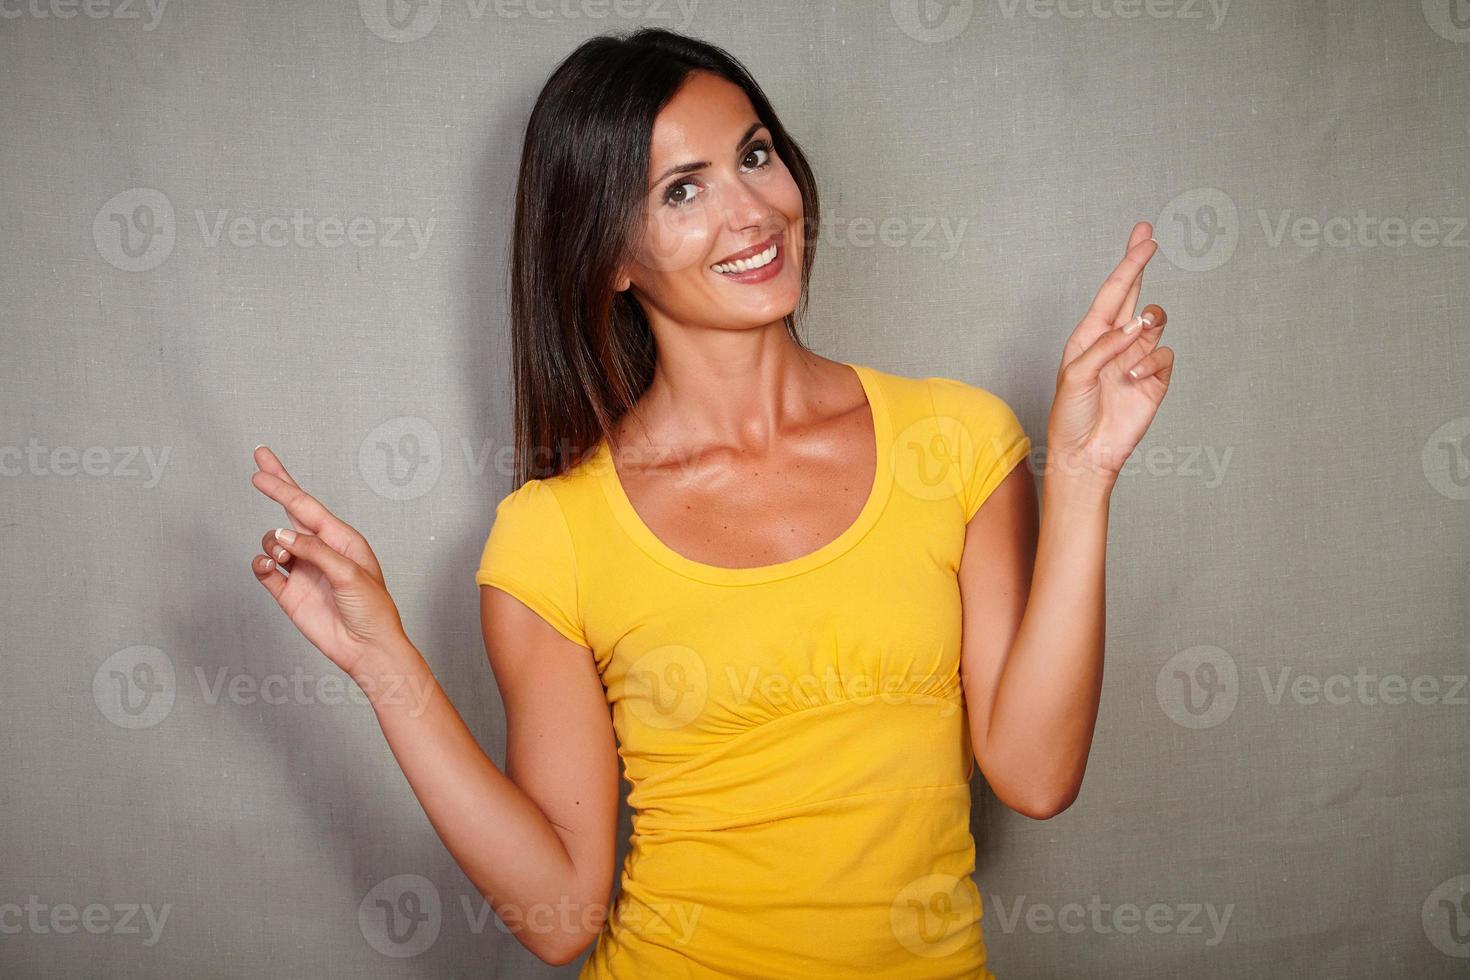 femelle charismatique croisant les doigts tout en souhaitant photo